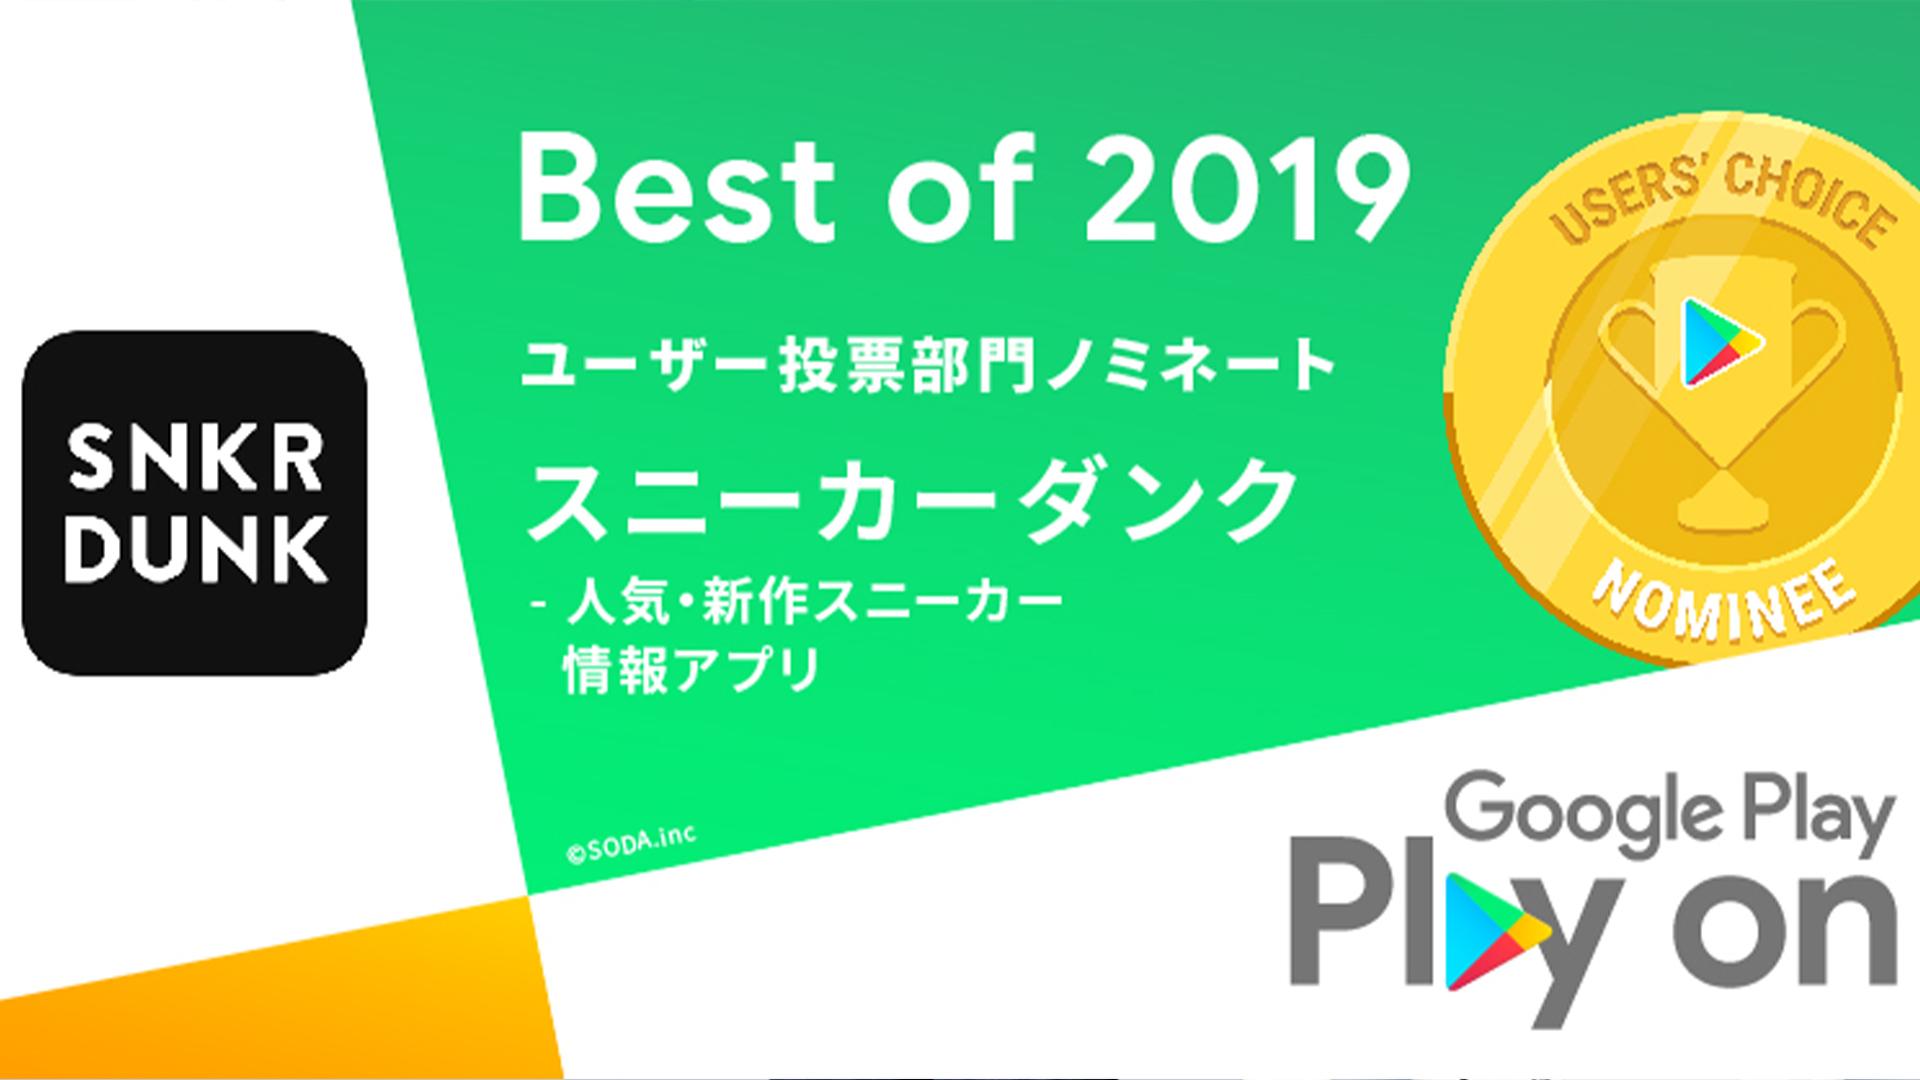 【「Google Playベストオブ2019」ユーザー投票部門にノミネート】他、新着トレンド11月11日